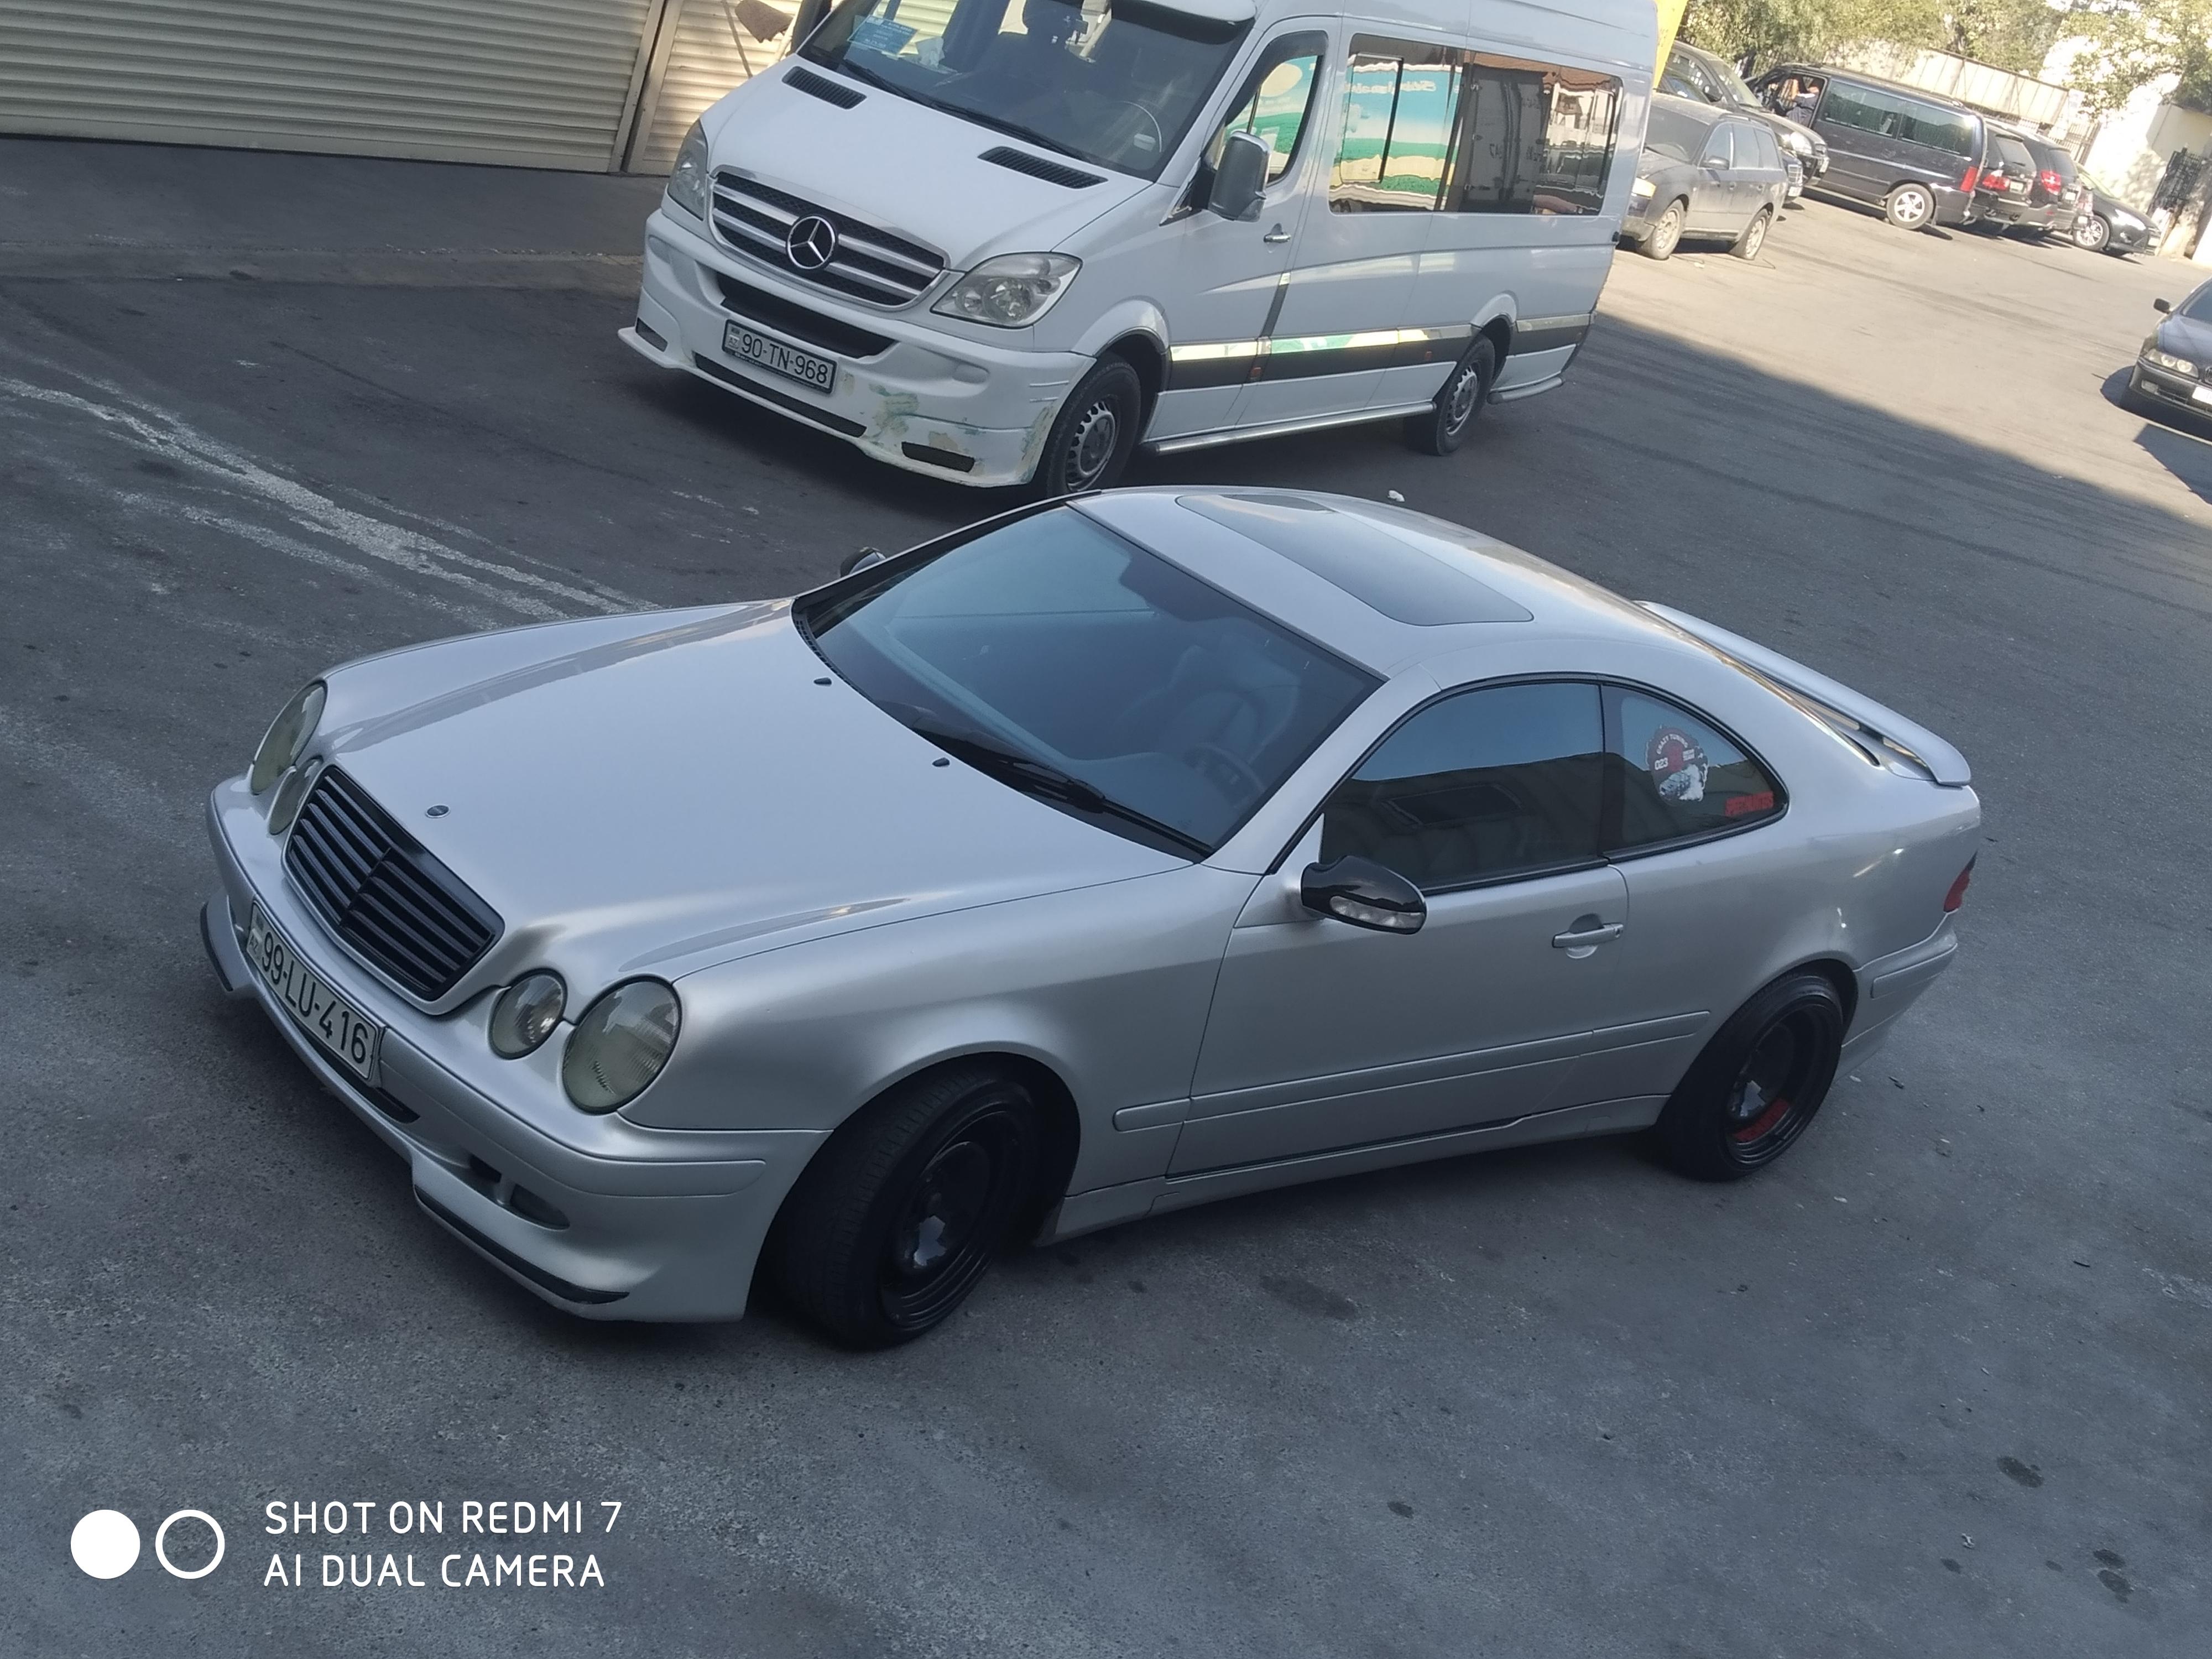 Mercedes-Benz CLK 230 2.3(lt) 2000 Second hand  $7000